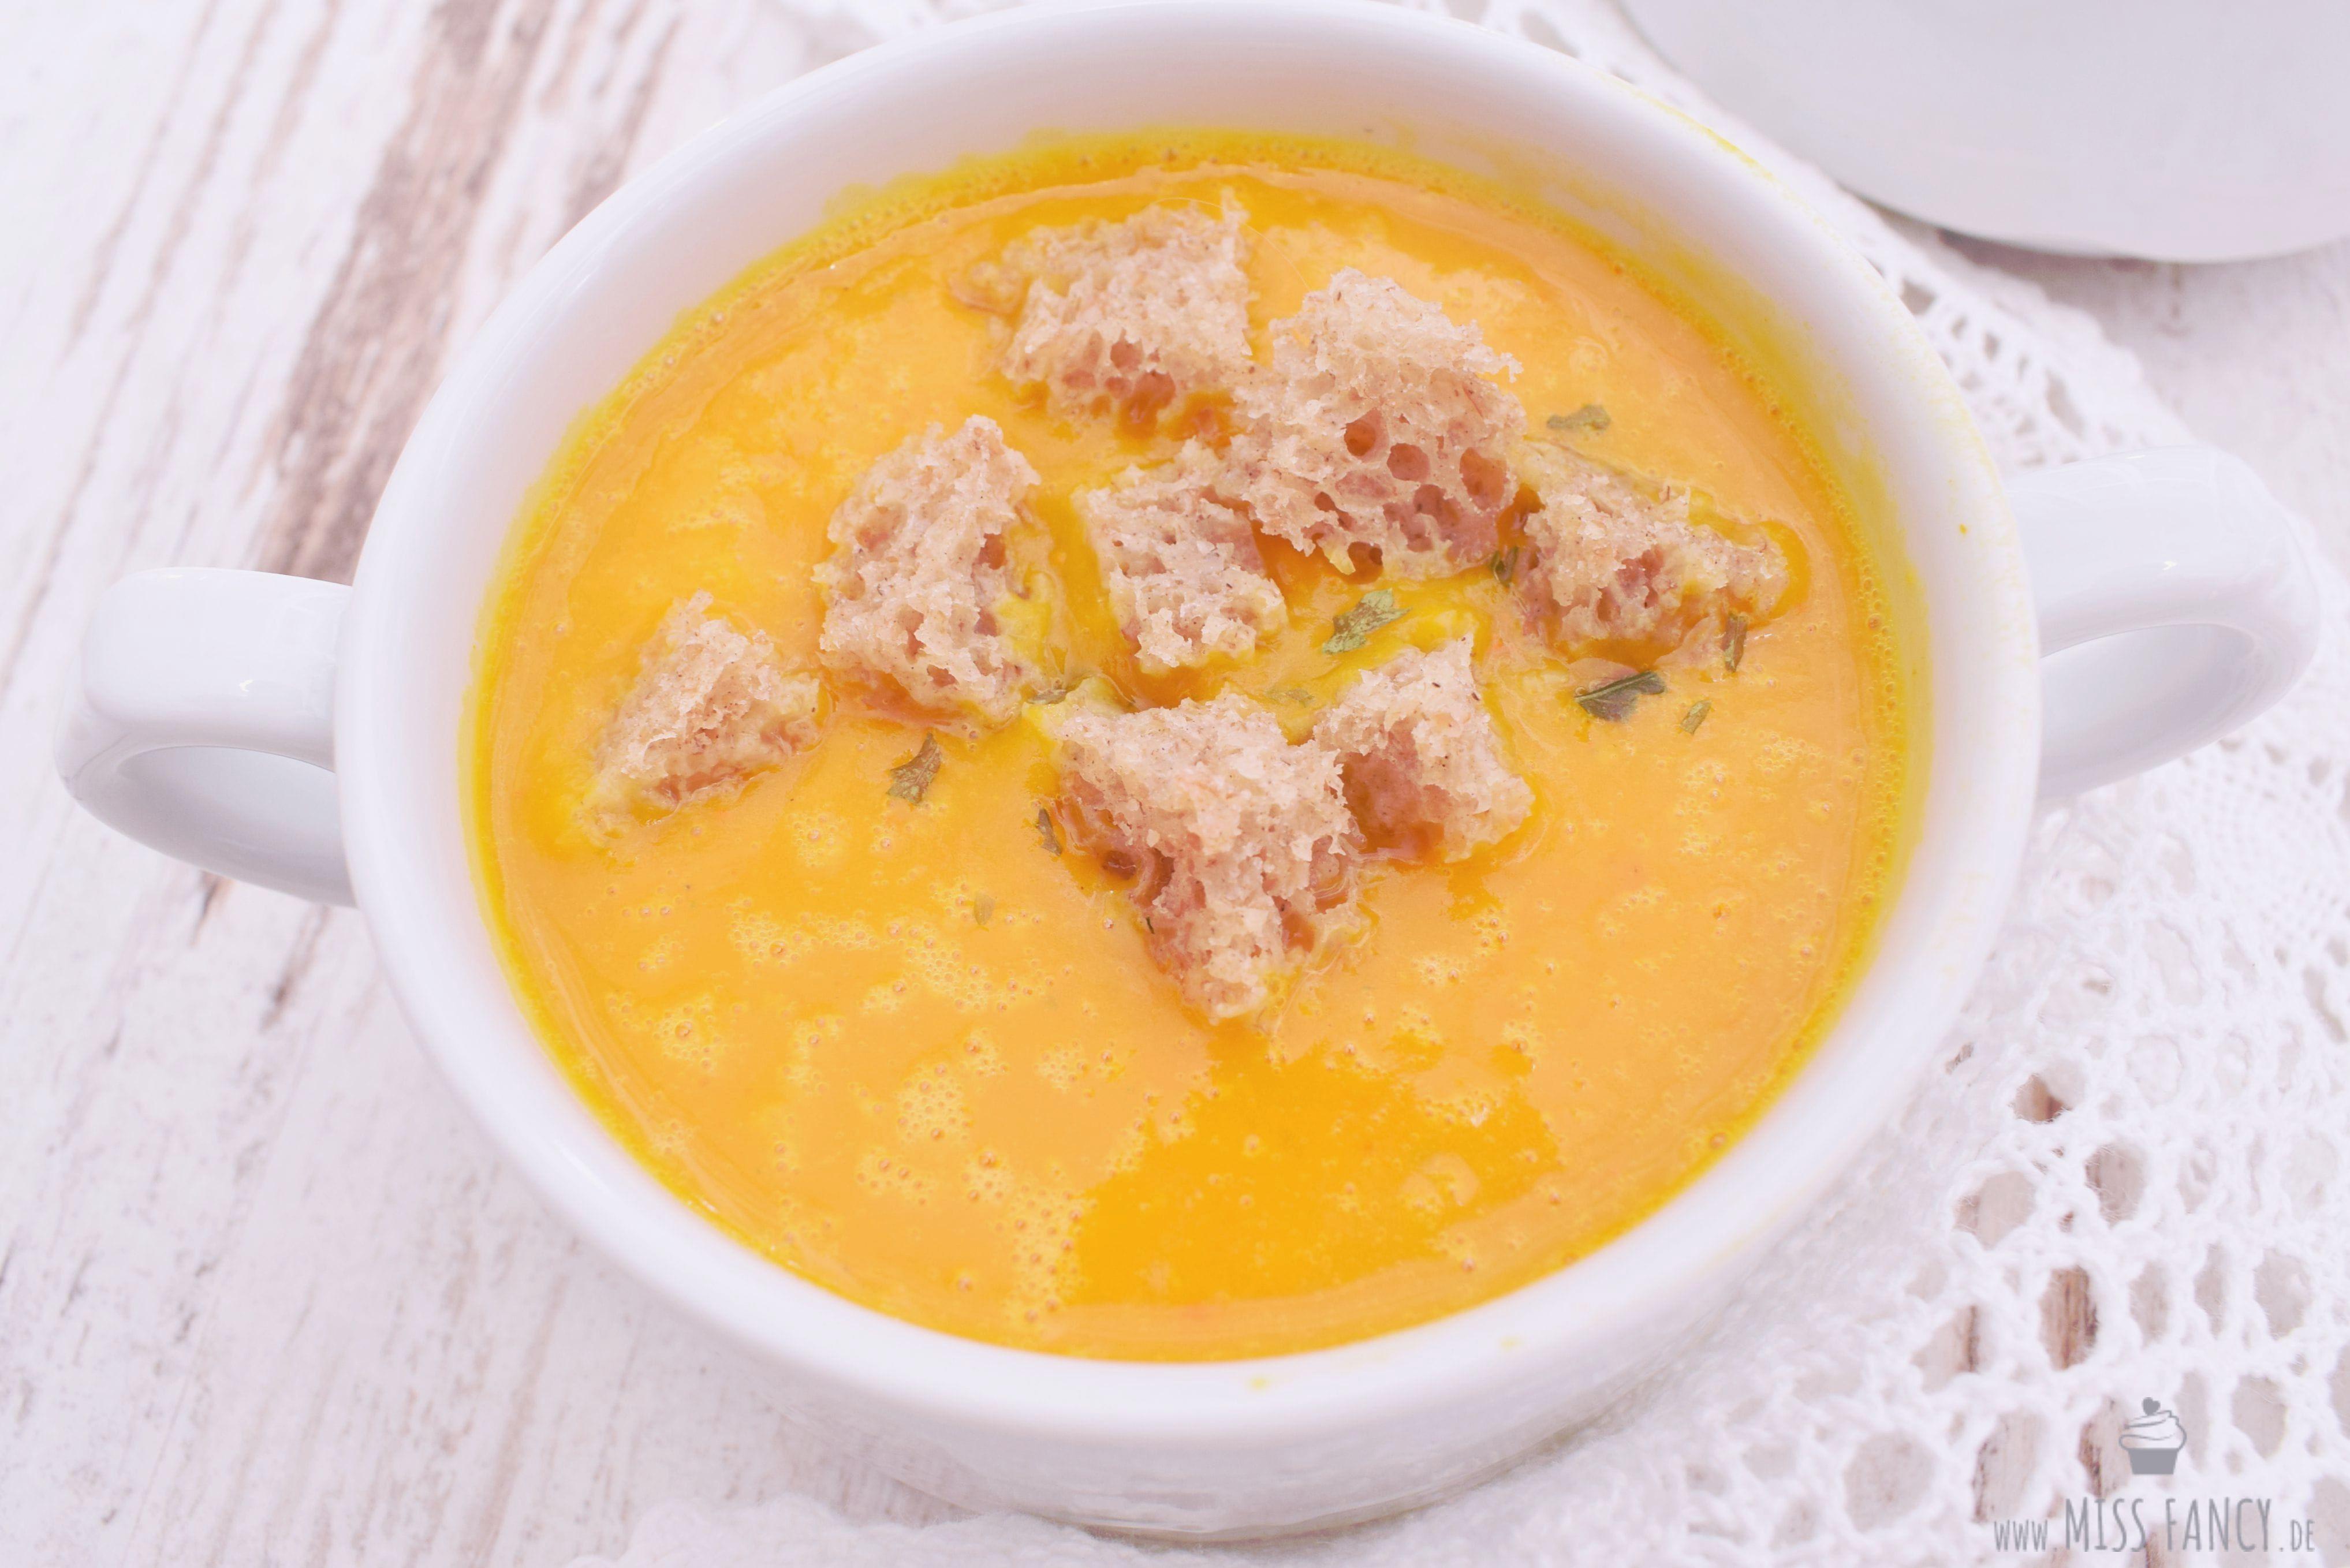 rezept-Kürbissuppe-missfancy-foodblog-2-min